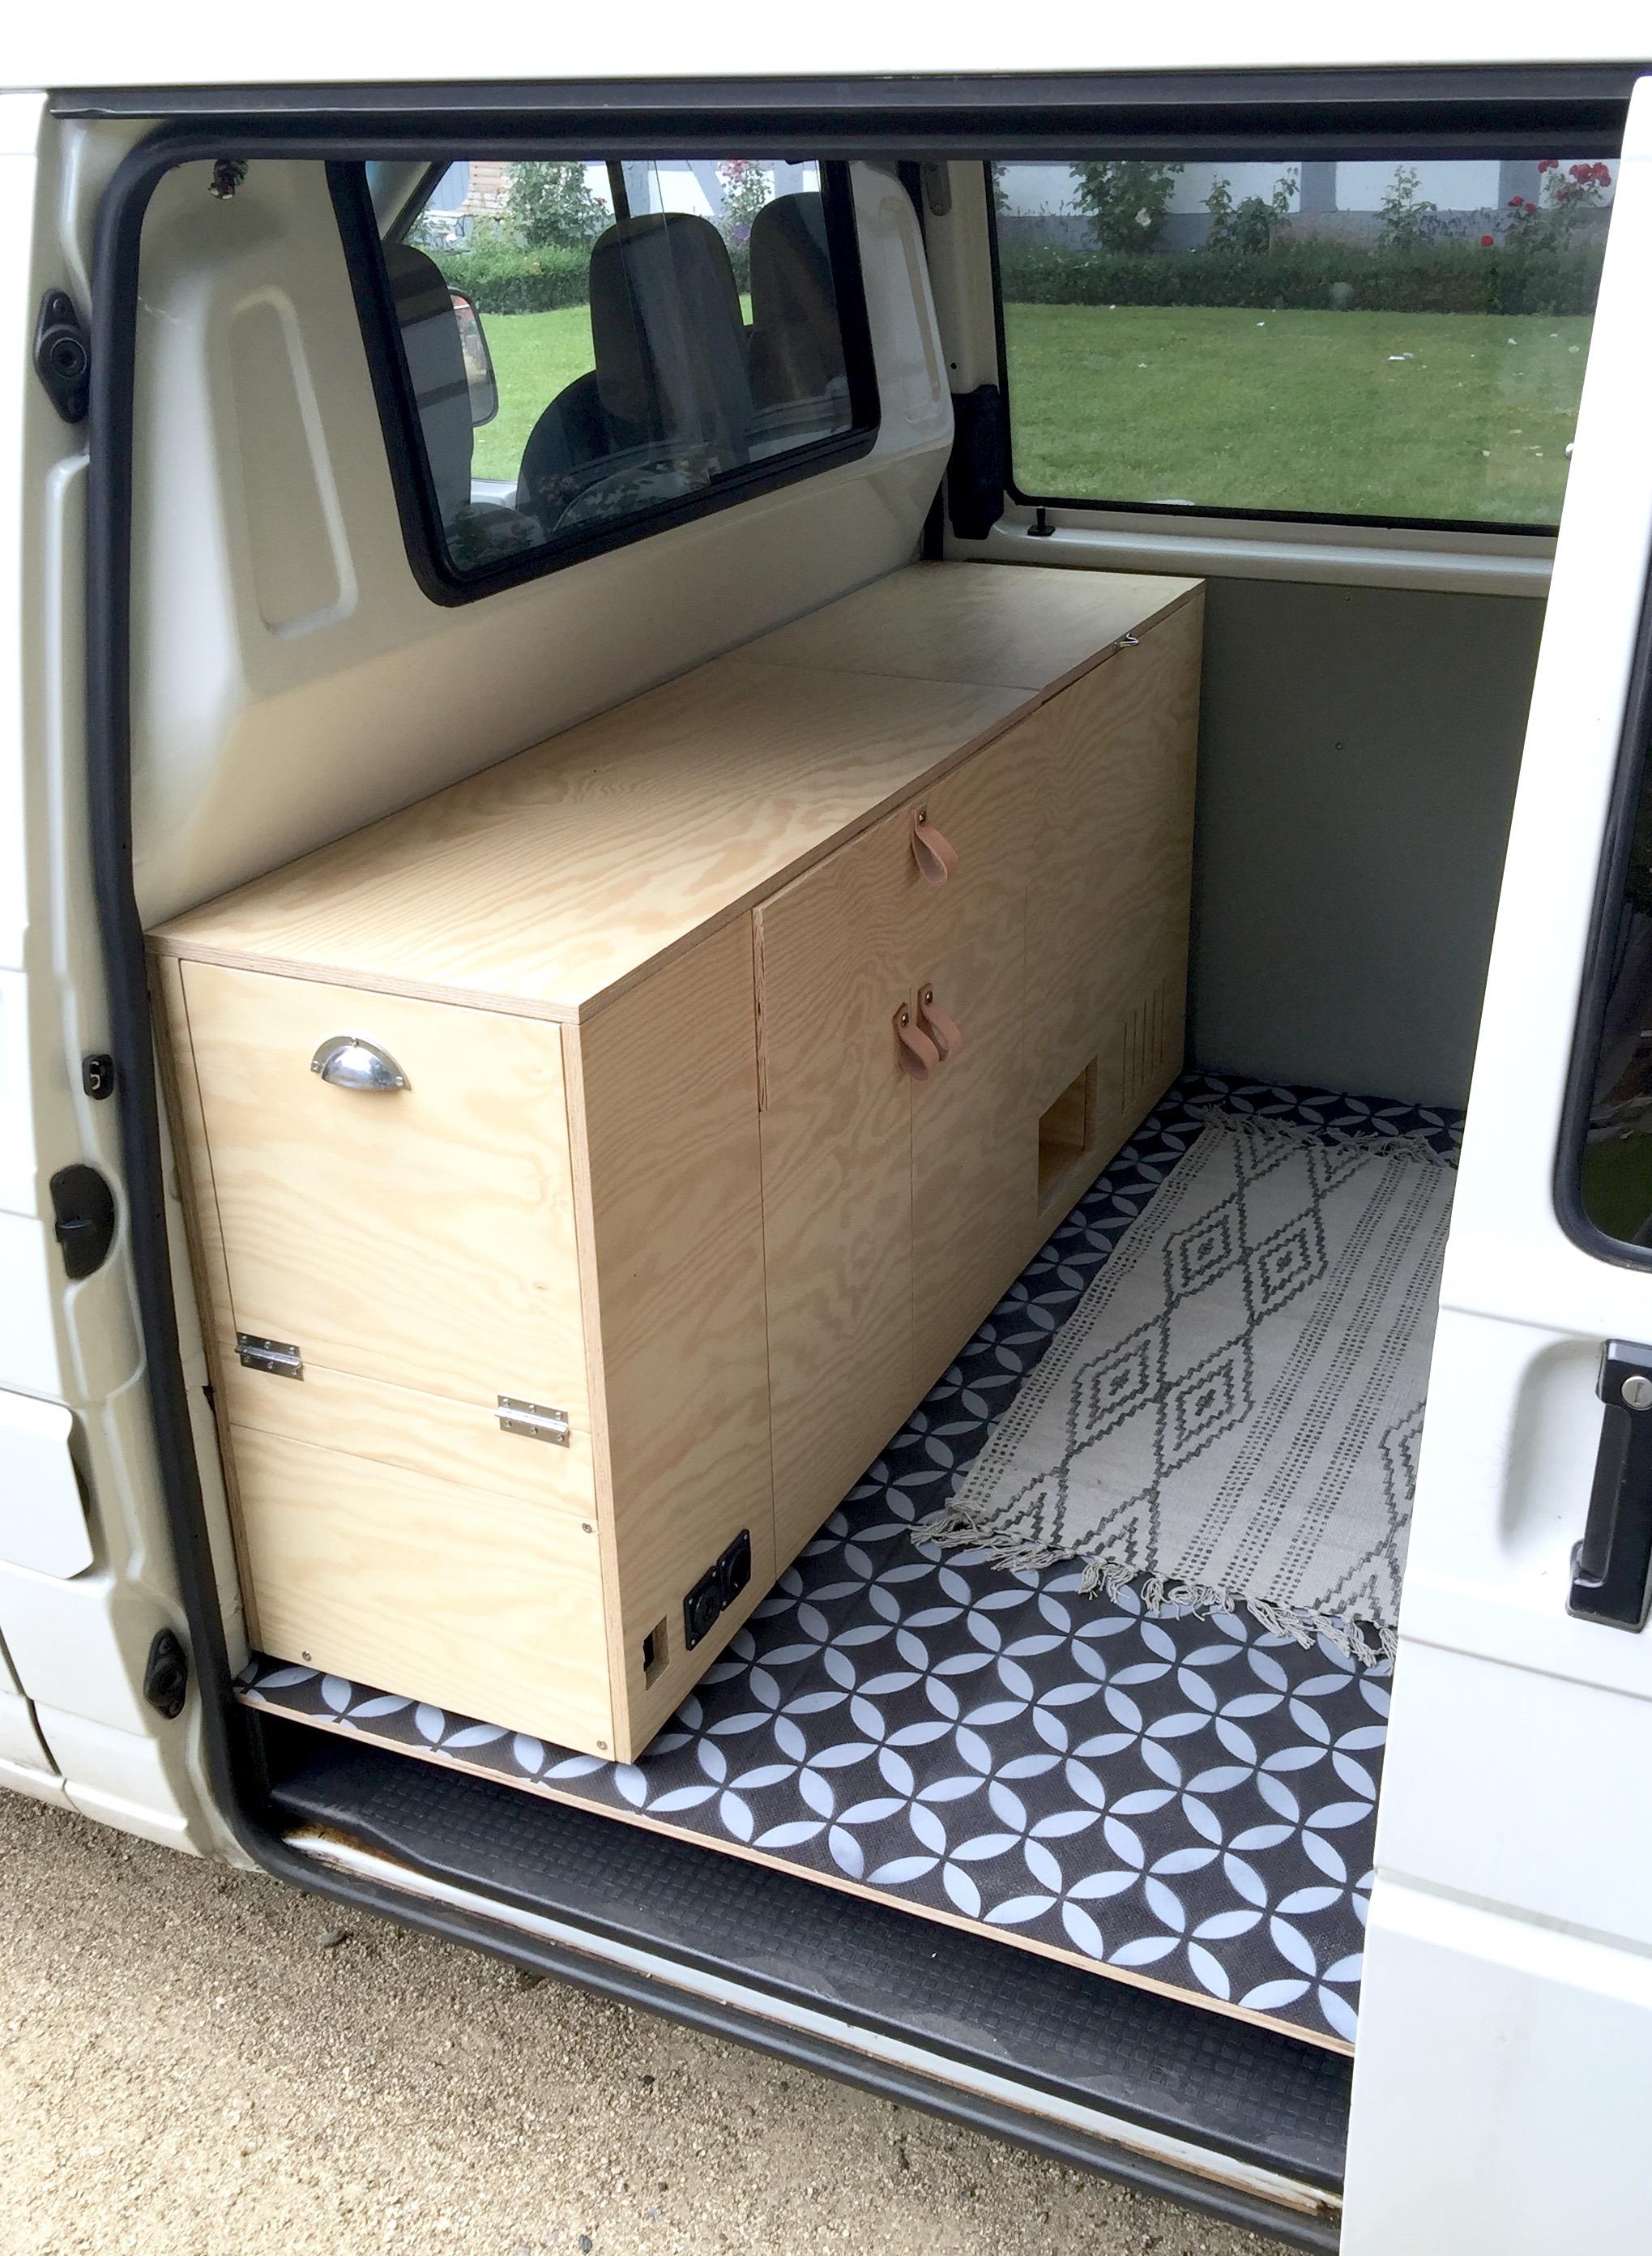 Das Sideboard steht an seinem Platz, noch ohne Elektro-Installation und einer nicht bündig schließenden Schublade, aufgrund einer erst später ausgetauschten Schraube für den Ledergriff